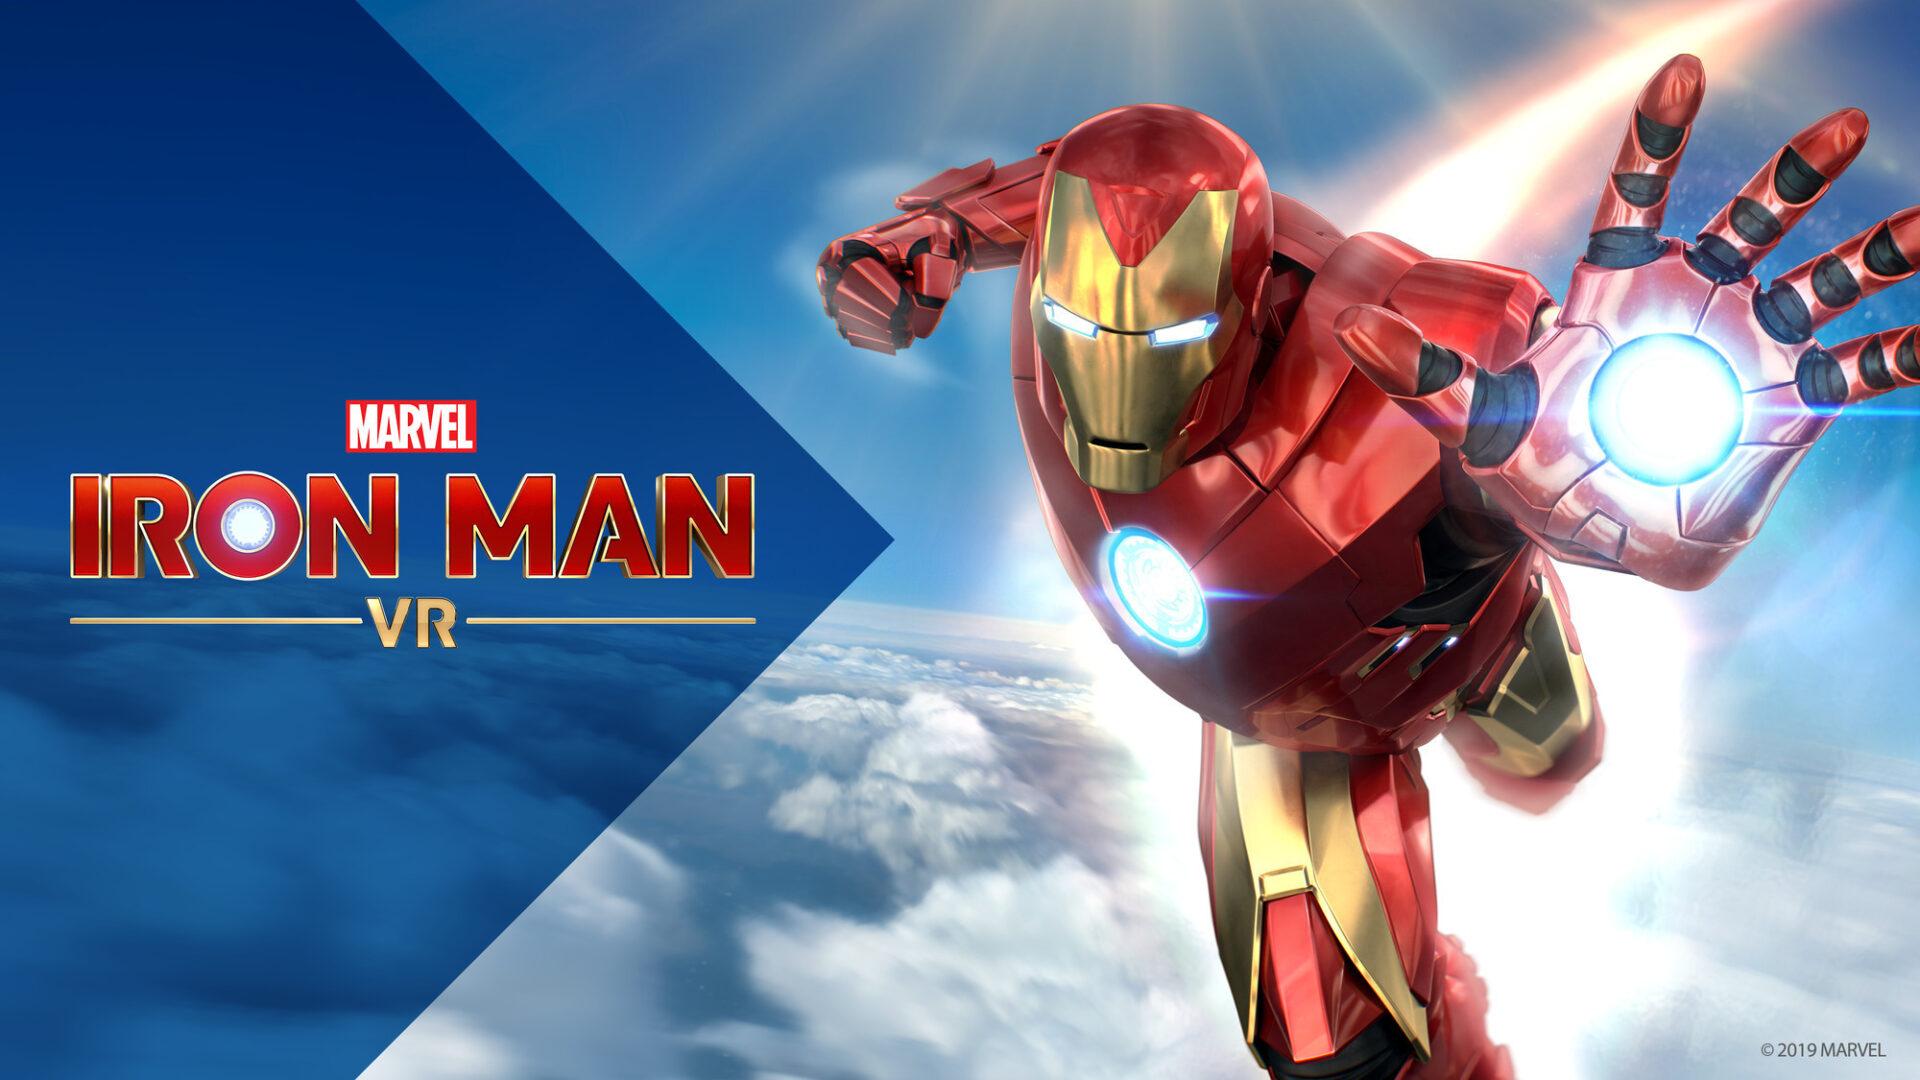 Jogos: Veja mais detalhes da gameplay de Marvel's Iron Man VR